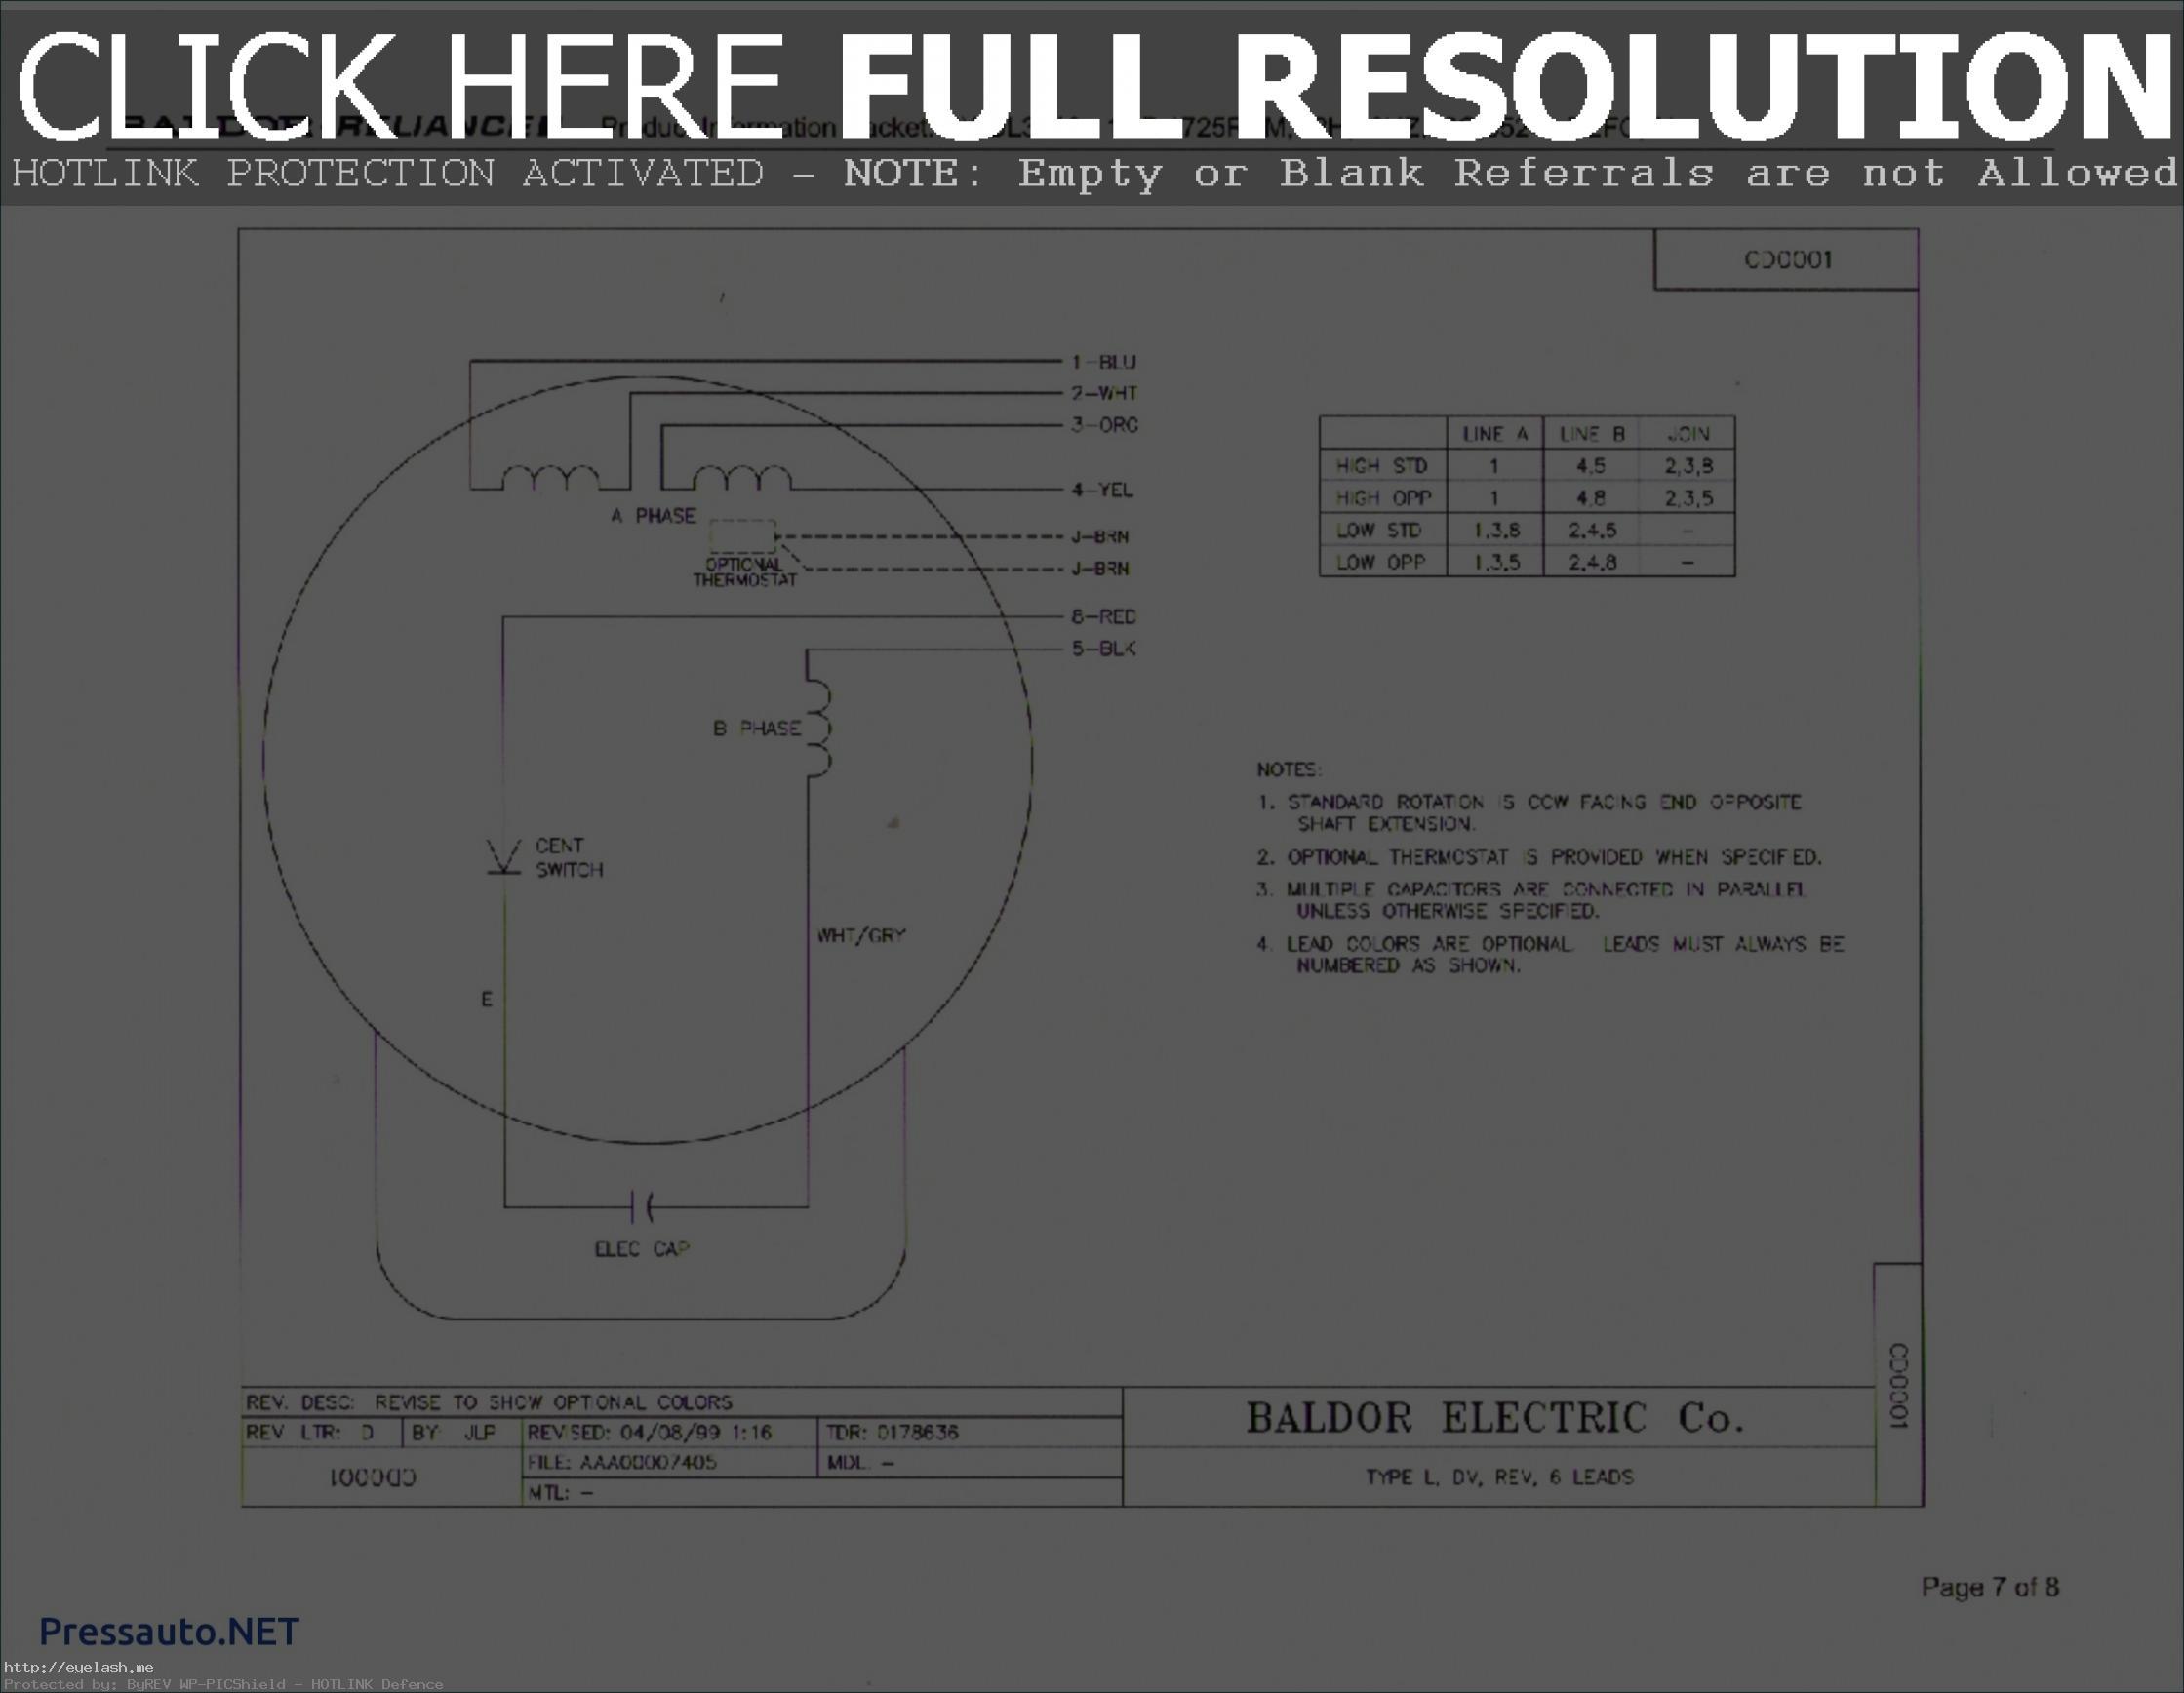 Bz 0761 Motor Switch Wiring Diagram Further Baldor Single Phase Motor Wiring Free Diagram